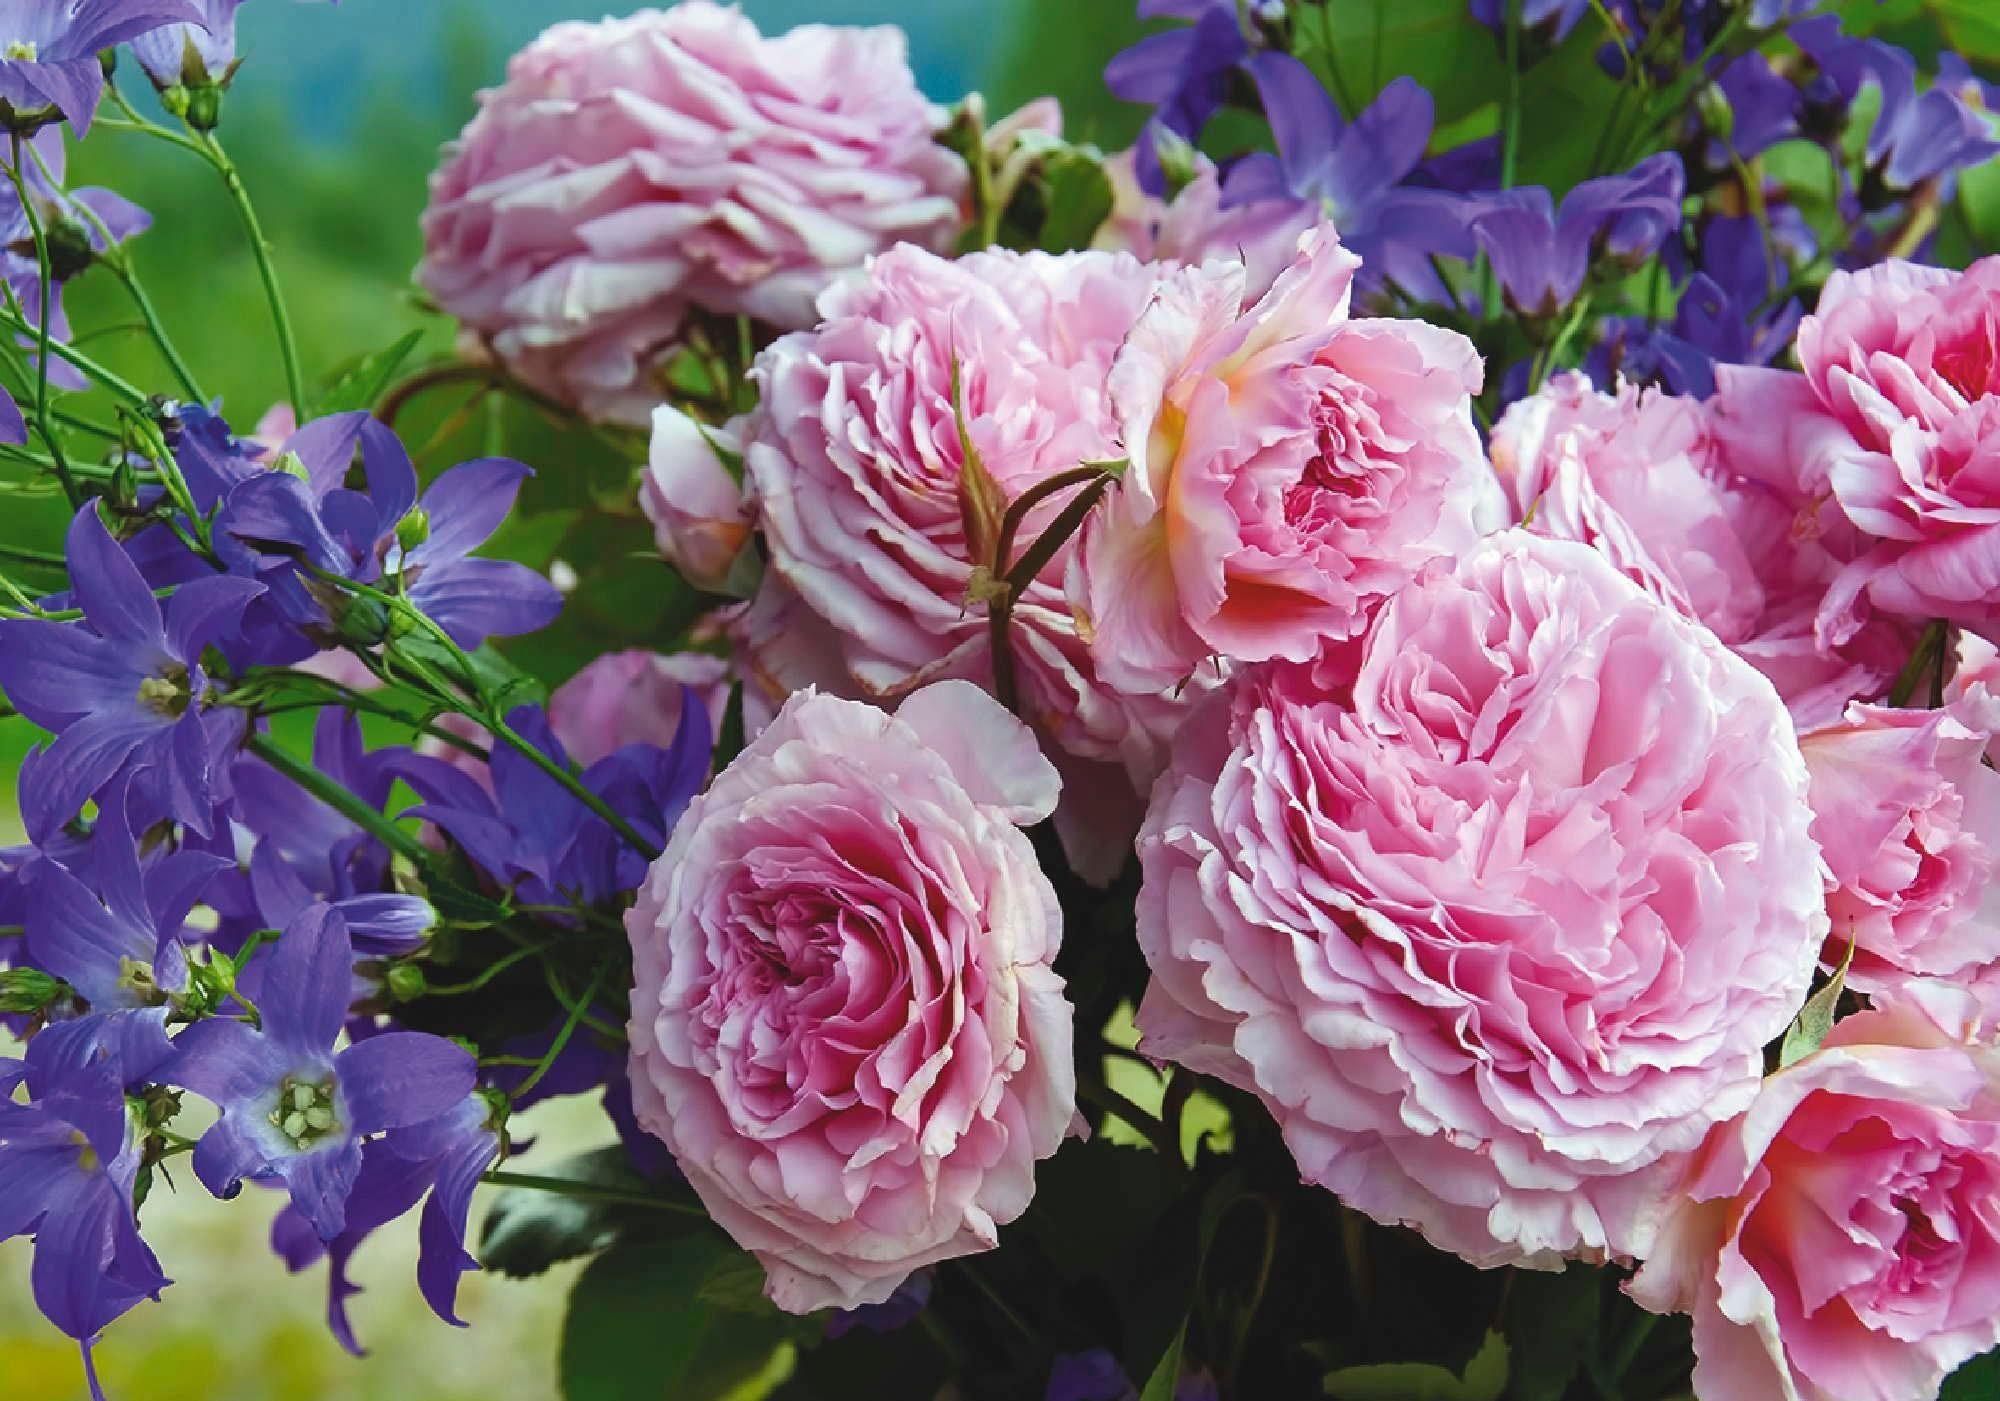 Home affaire Leinwandbild »Bouquet aus Rosen und Glockenblumen«, 100/70 cm